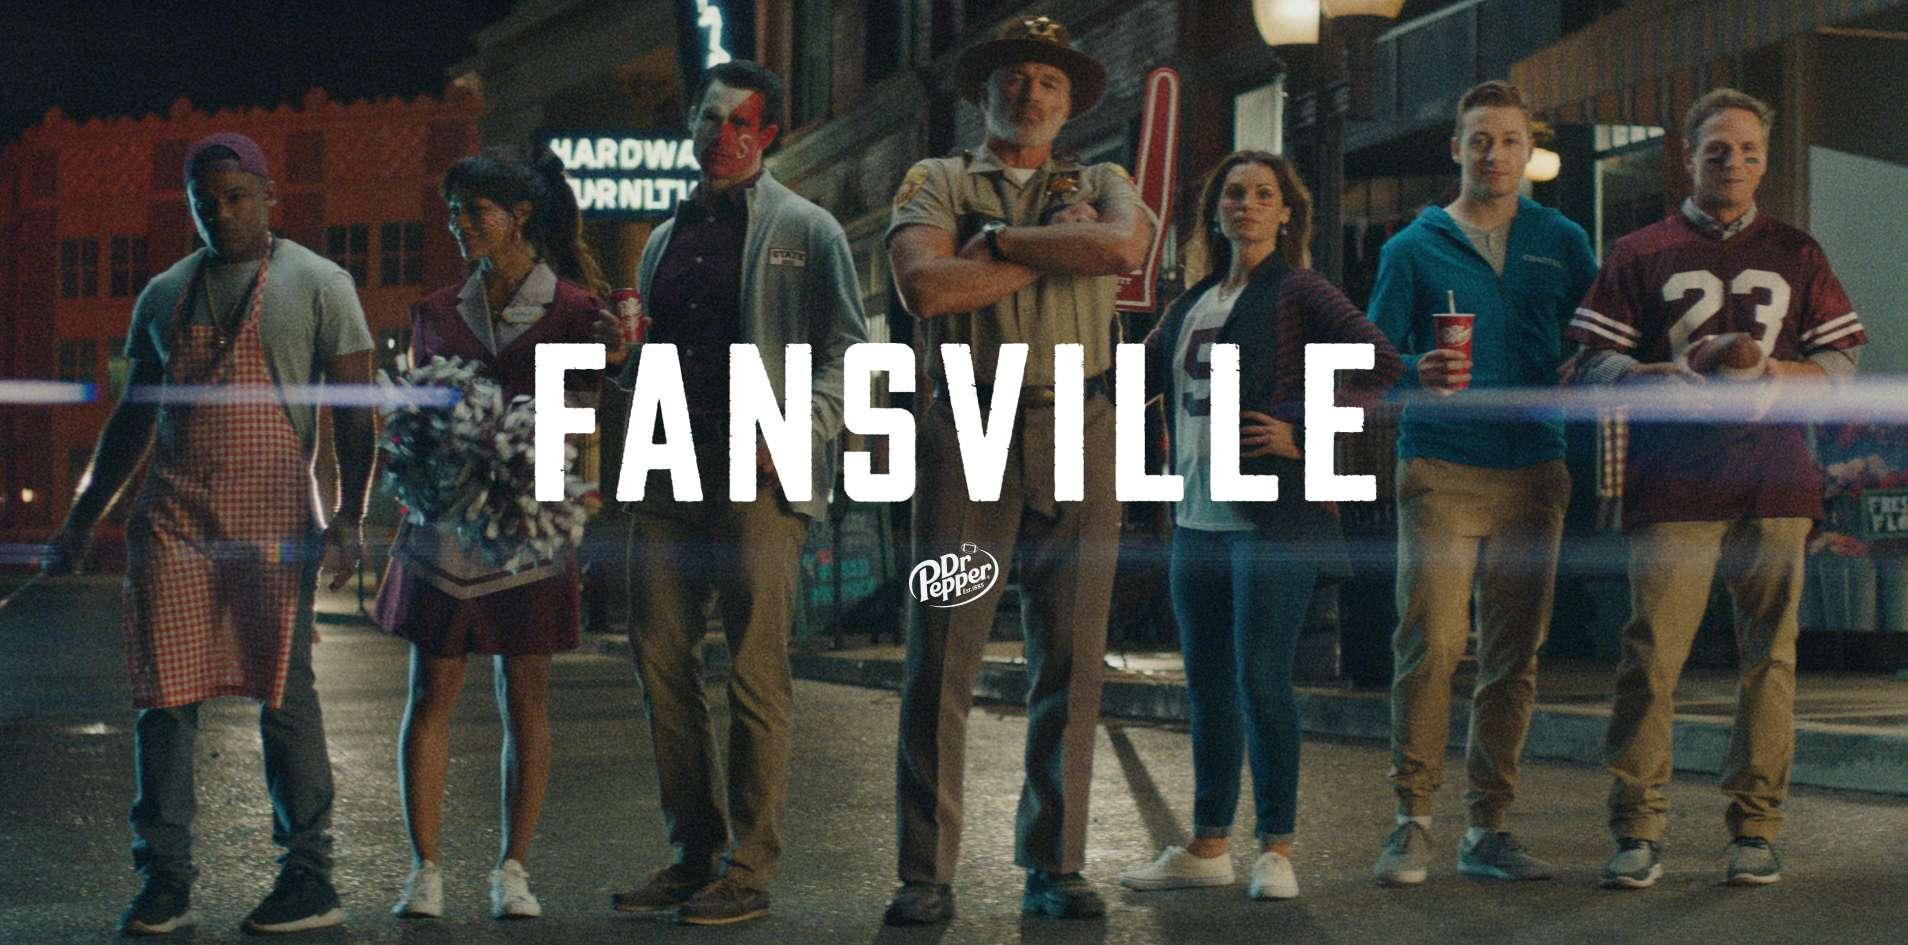 Dr Pepper Fansville